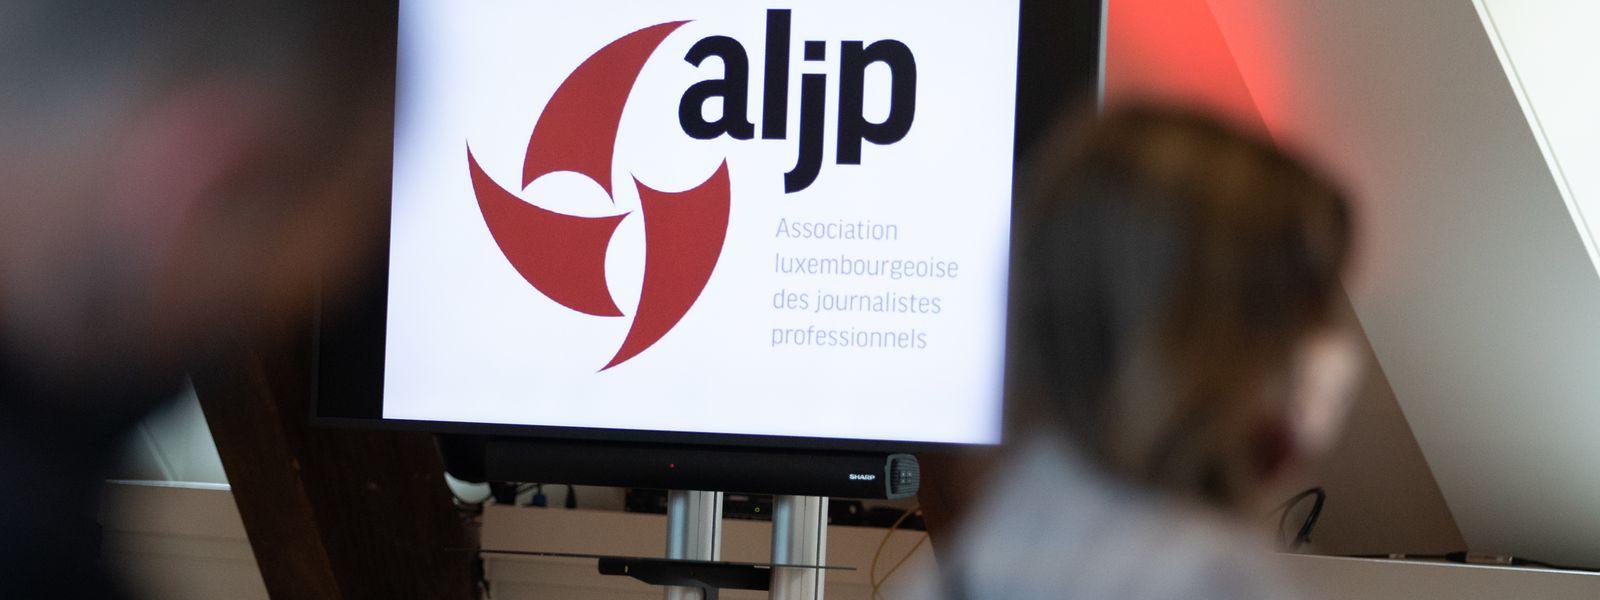 Der Journalistenverband ALJP fordert seit Jahren ein Informationszugangsrecht.